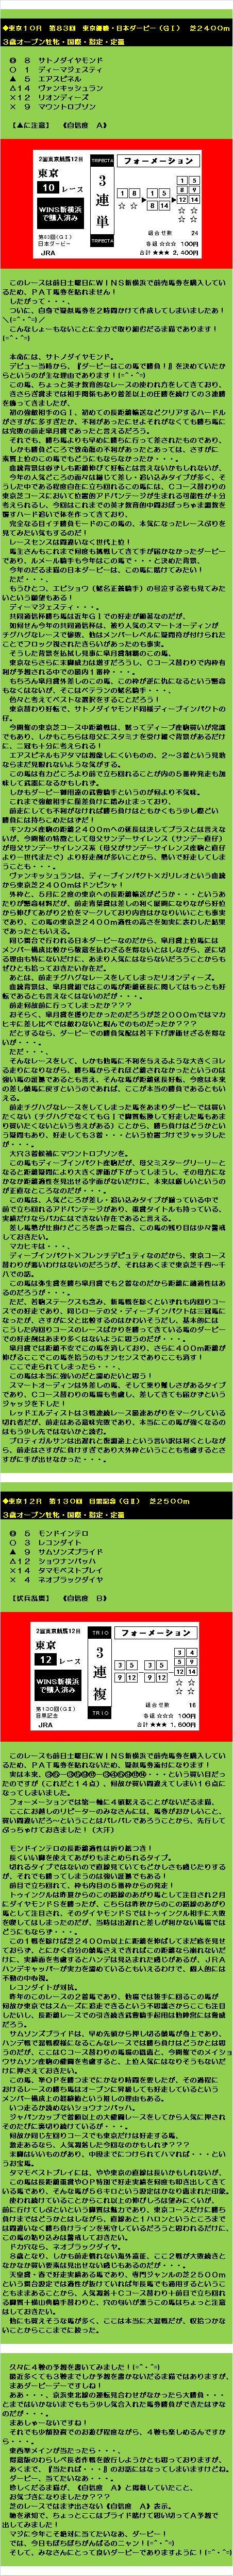 20160529・競馬予想③.jpg